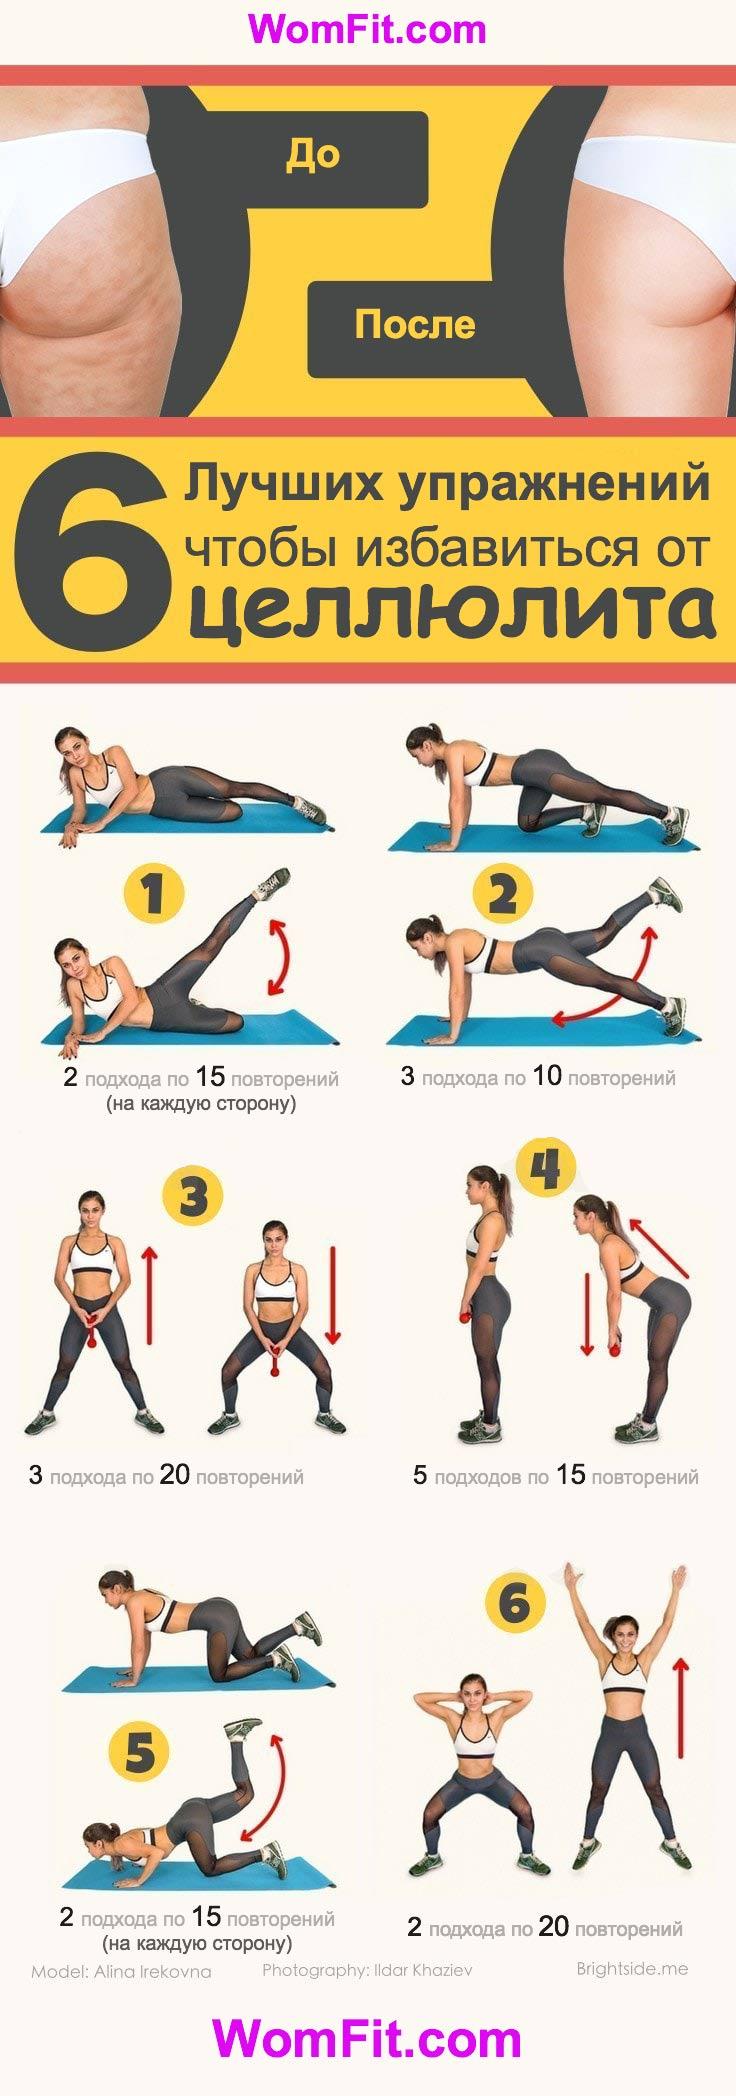 Упражнения от целлюлита на ногах и ягодицах